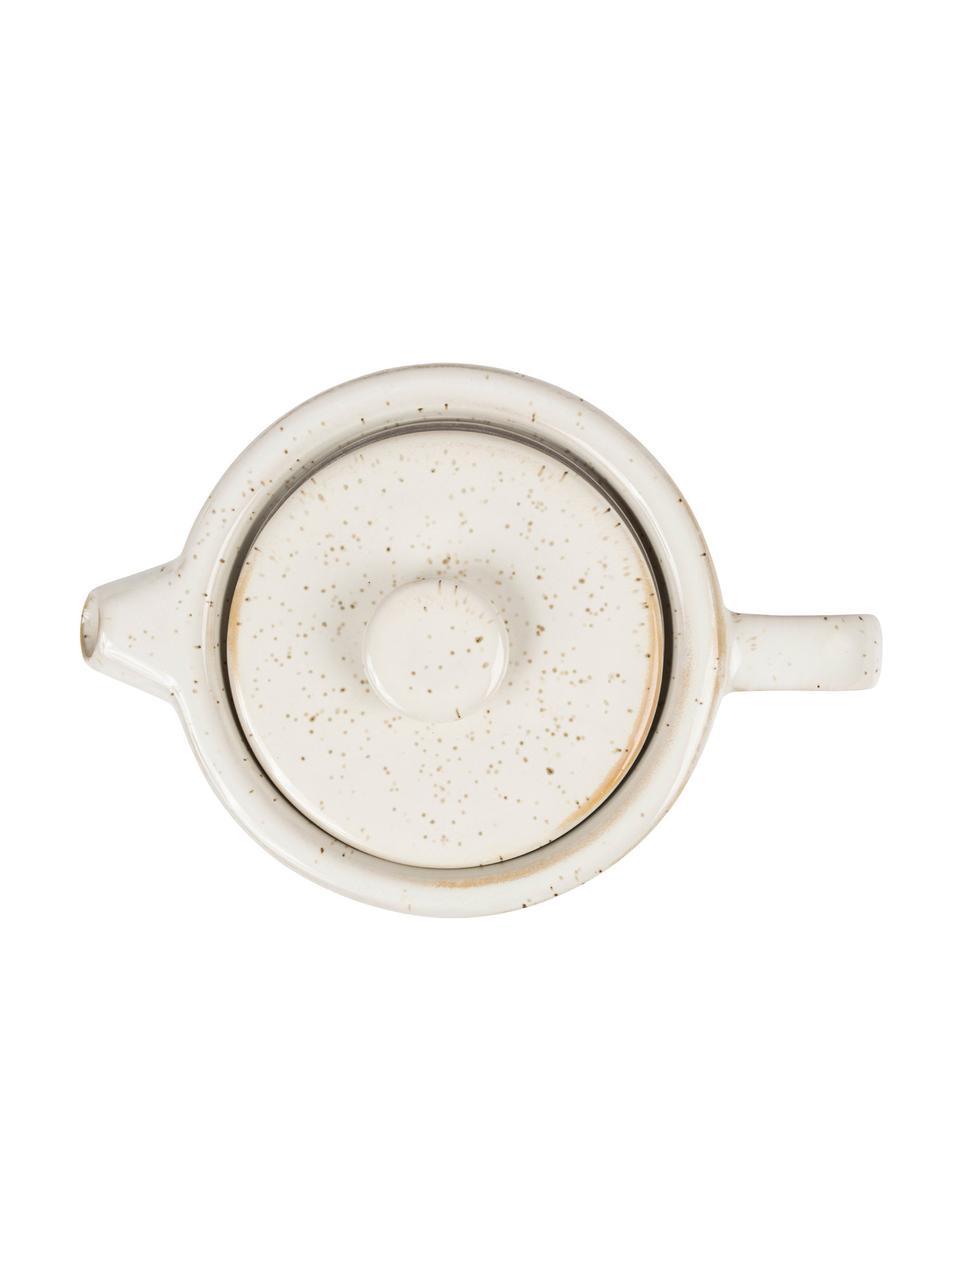 Steingut Teekanne Nordika mit Akazienholzsockel, 700 ml, Steingut, Akazienholz, Weiss, Braun, 700 ml